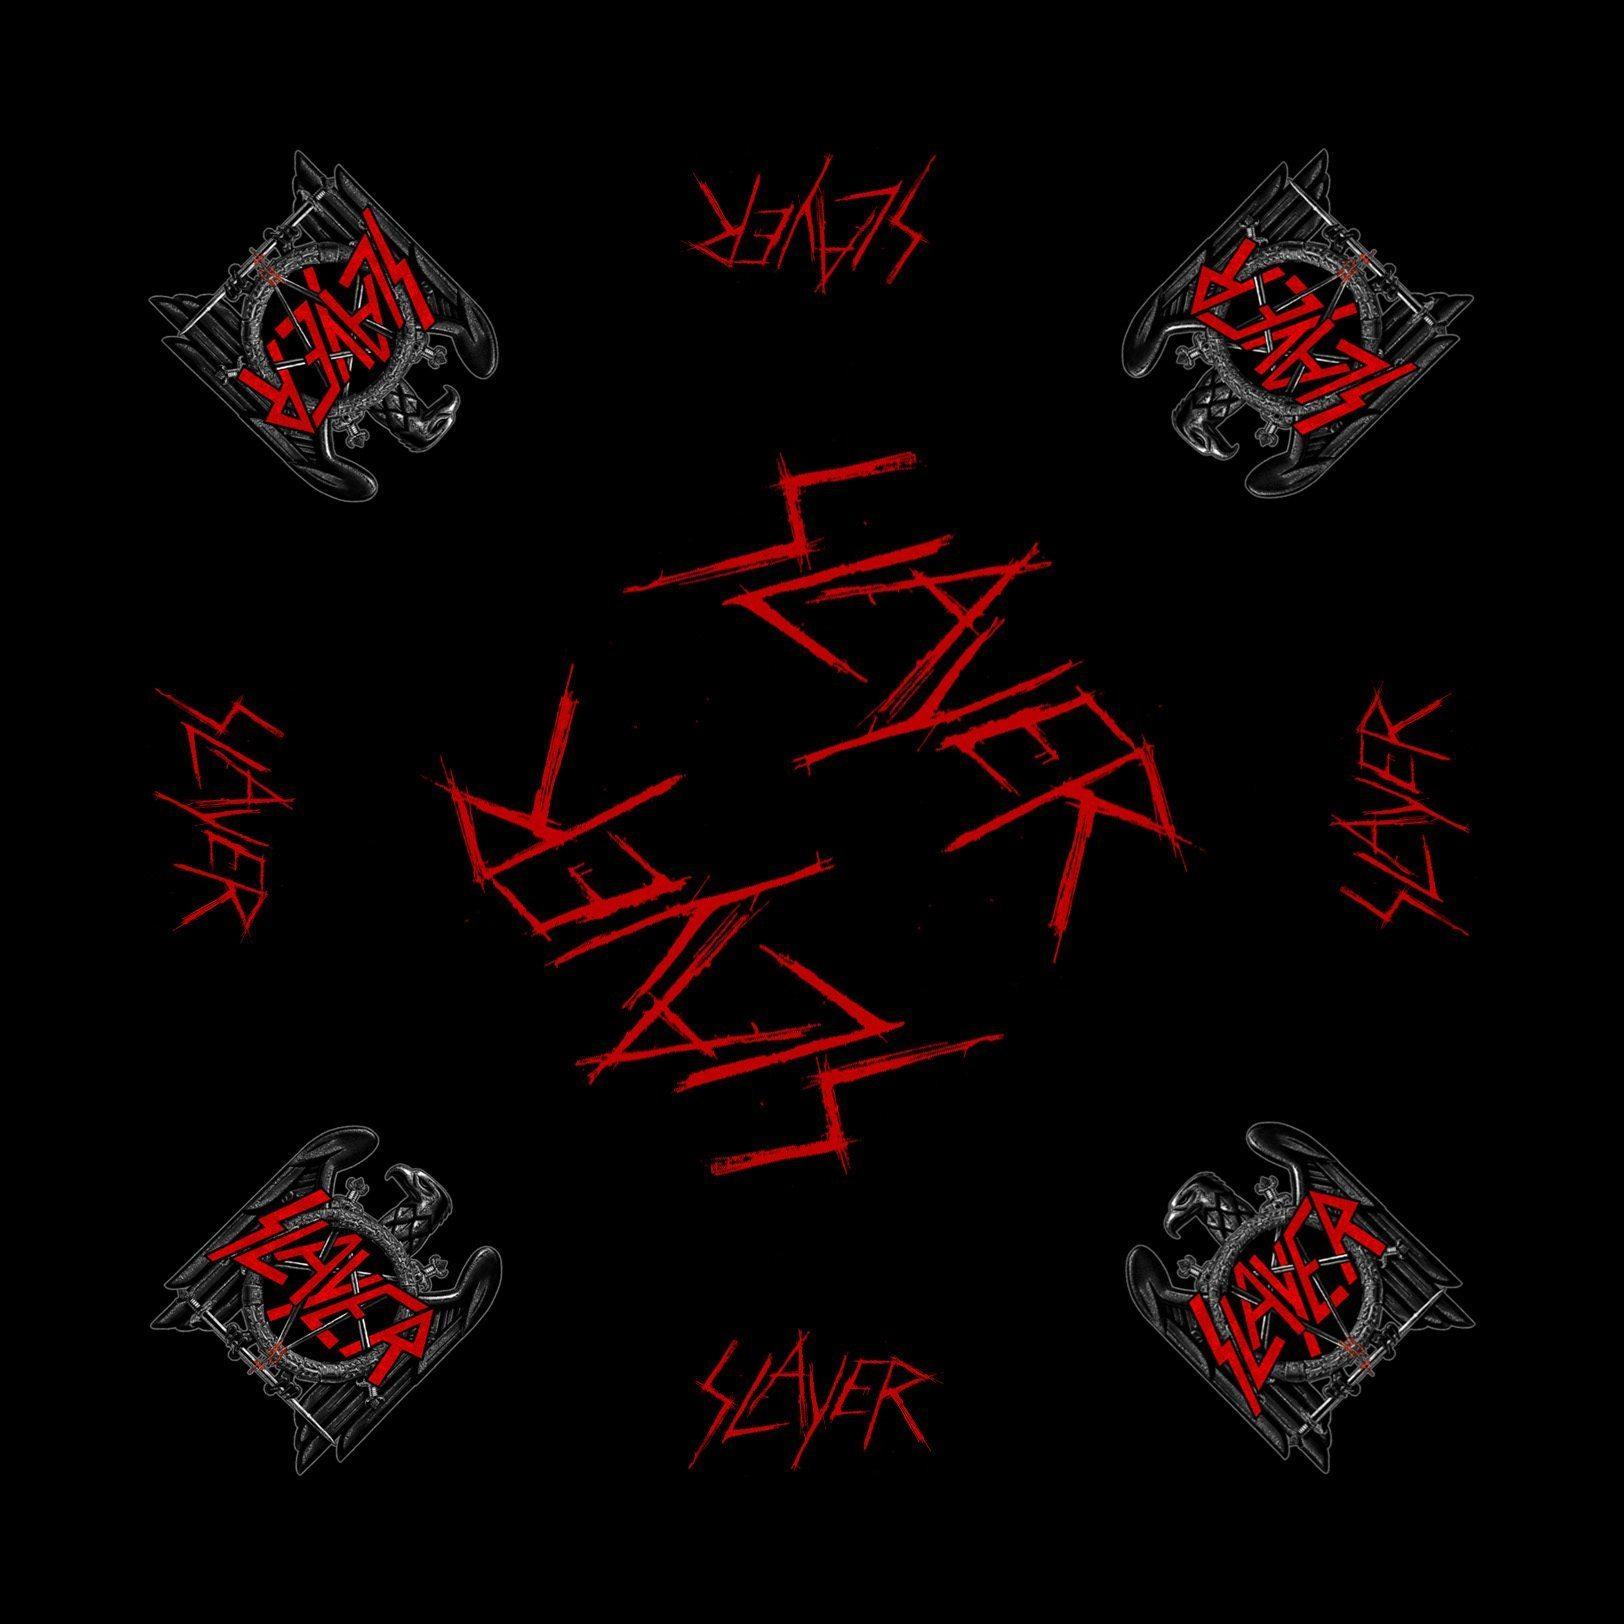 Slayer Bandanna Black Eagle